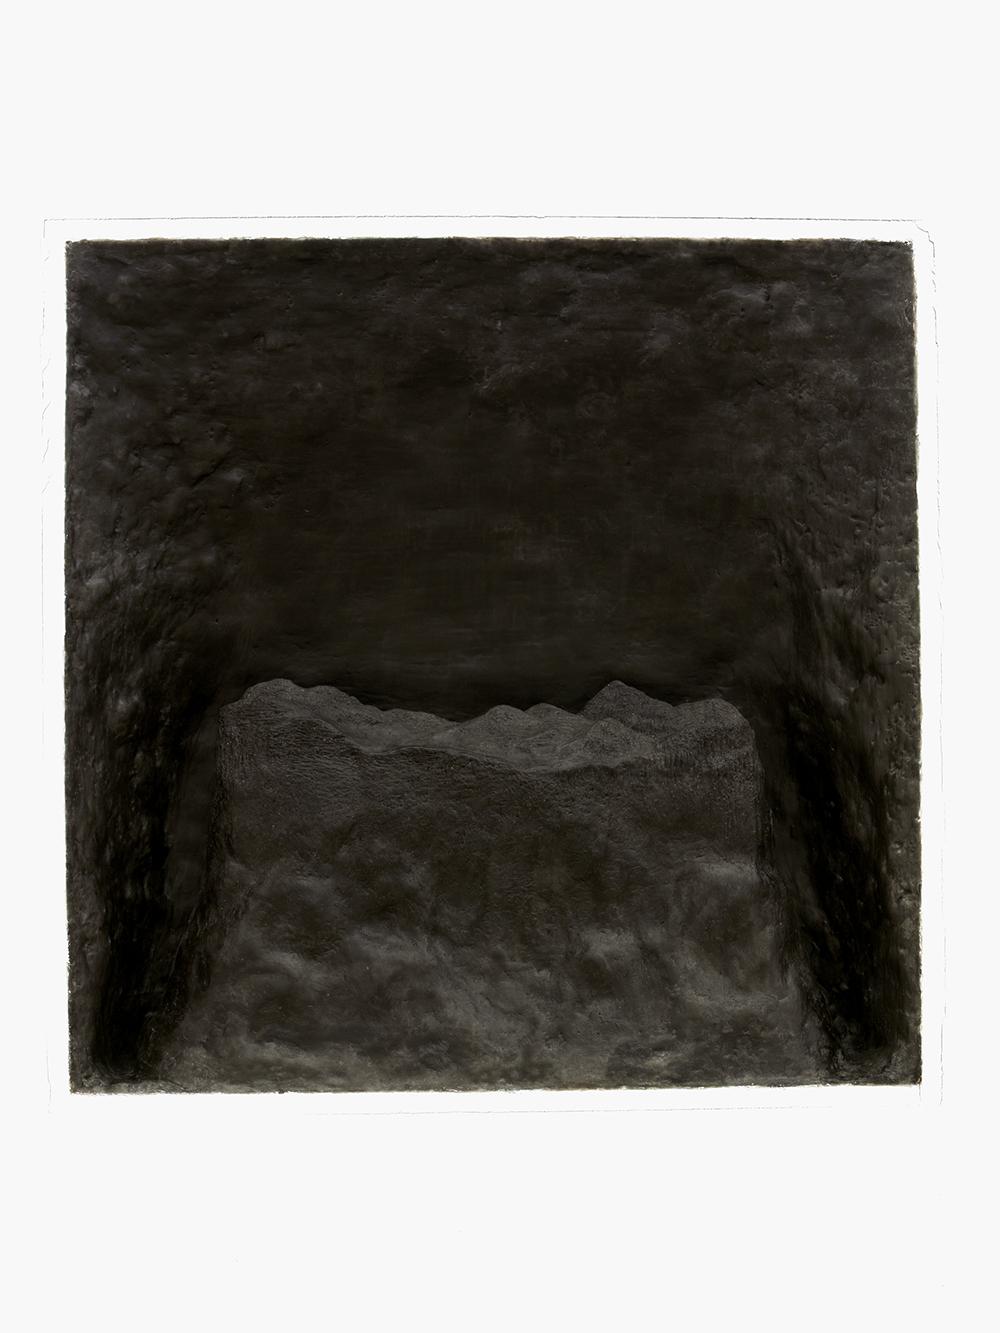 Isola ipogea VIII, 2006, cera con anima in gesso e legno, cm 63x63x13